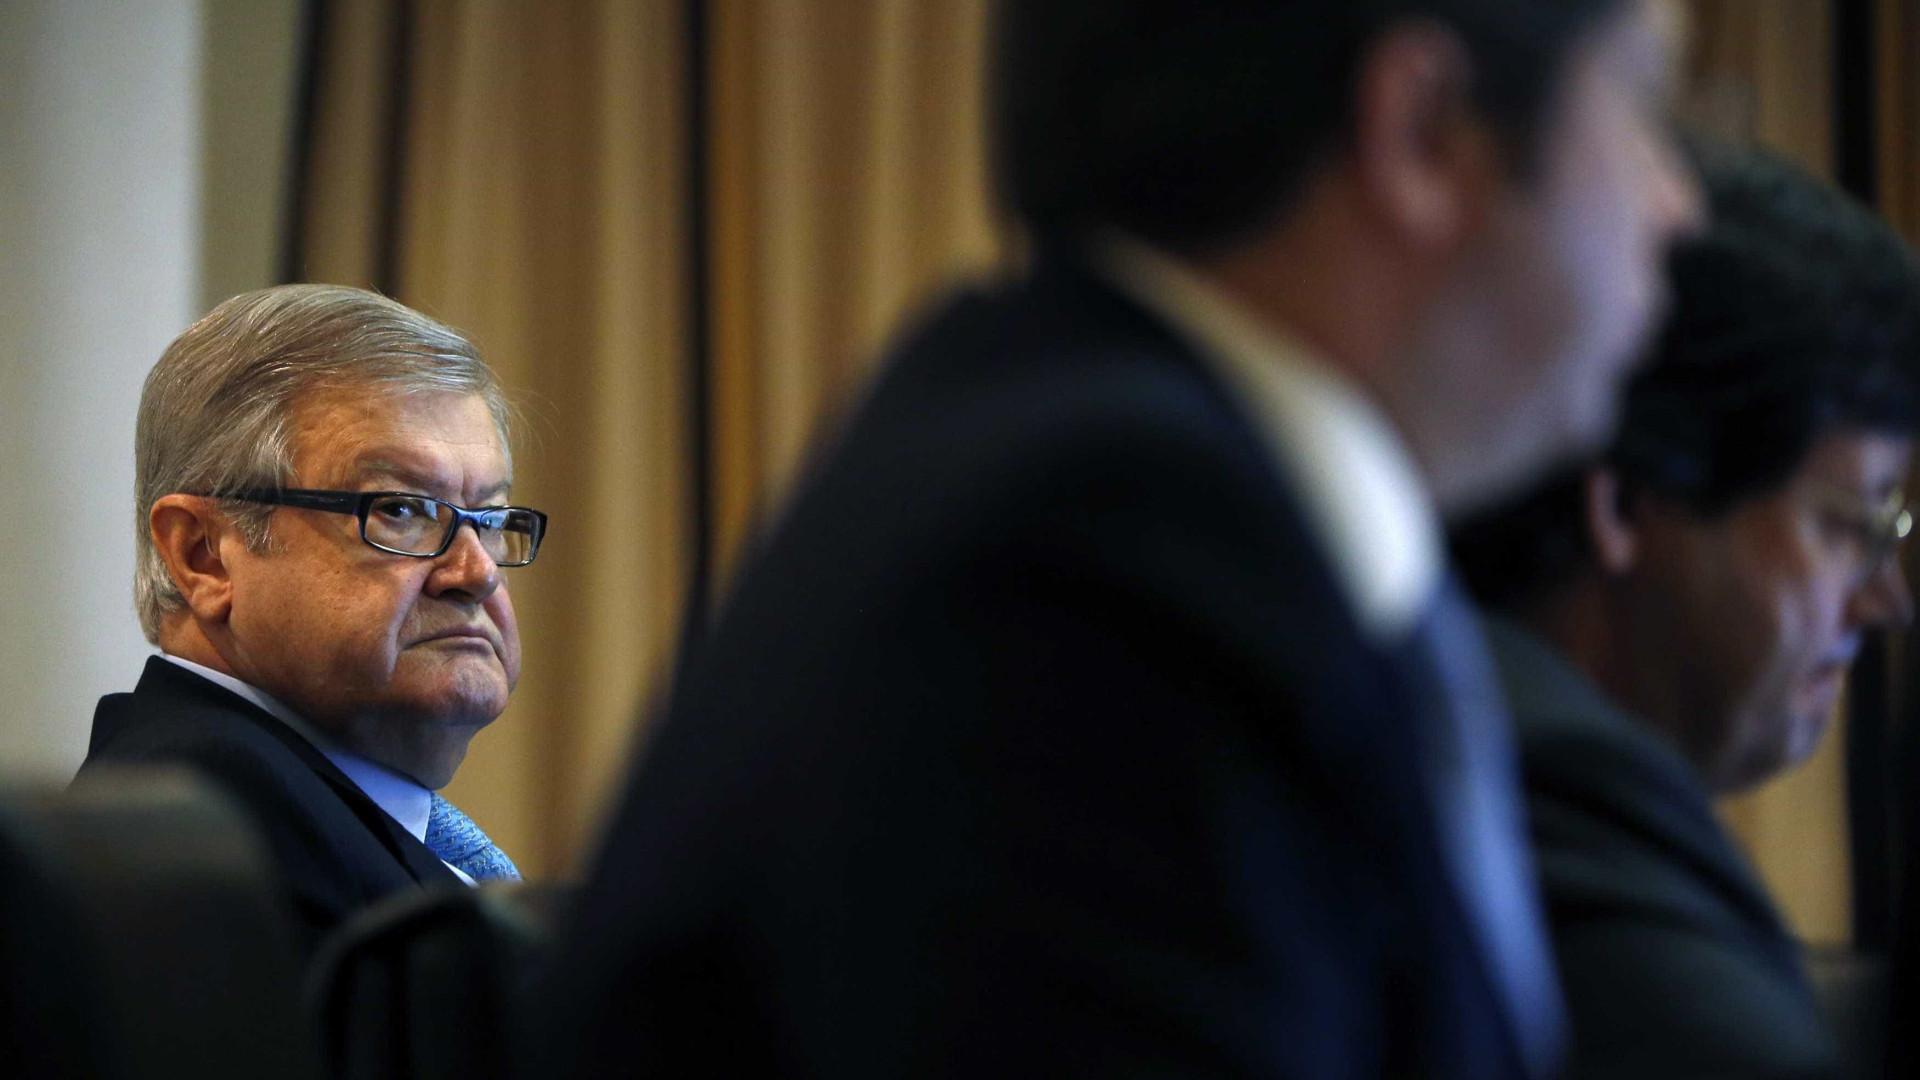 Baillie Gifford passa a deter participação de 2,02% na Jerónimo Martins